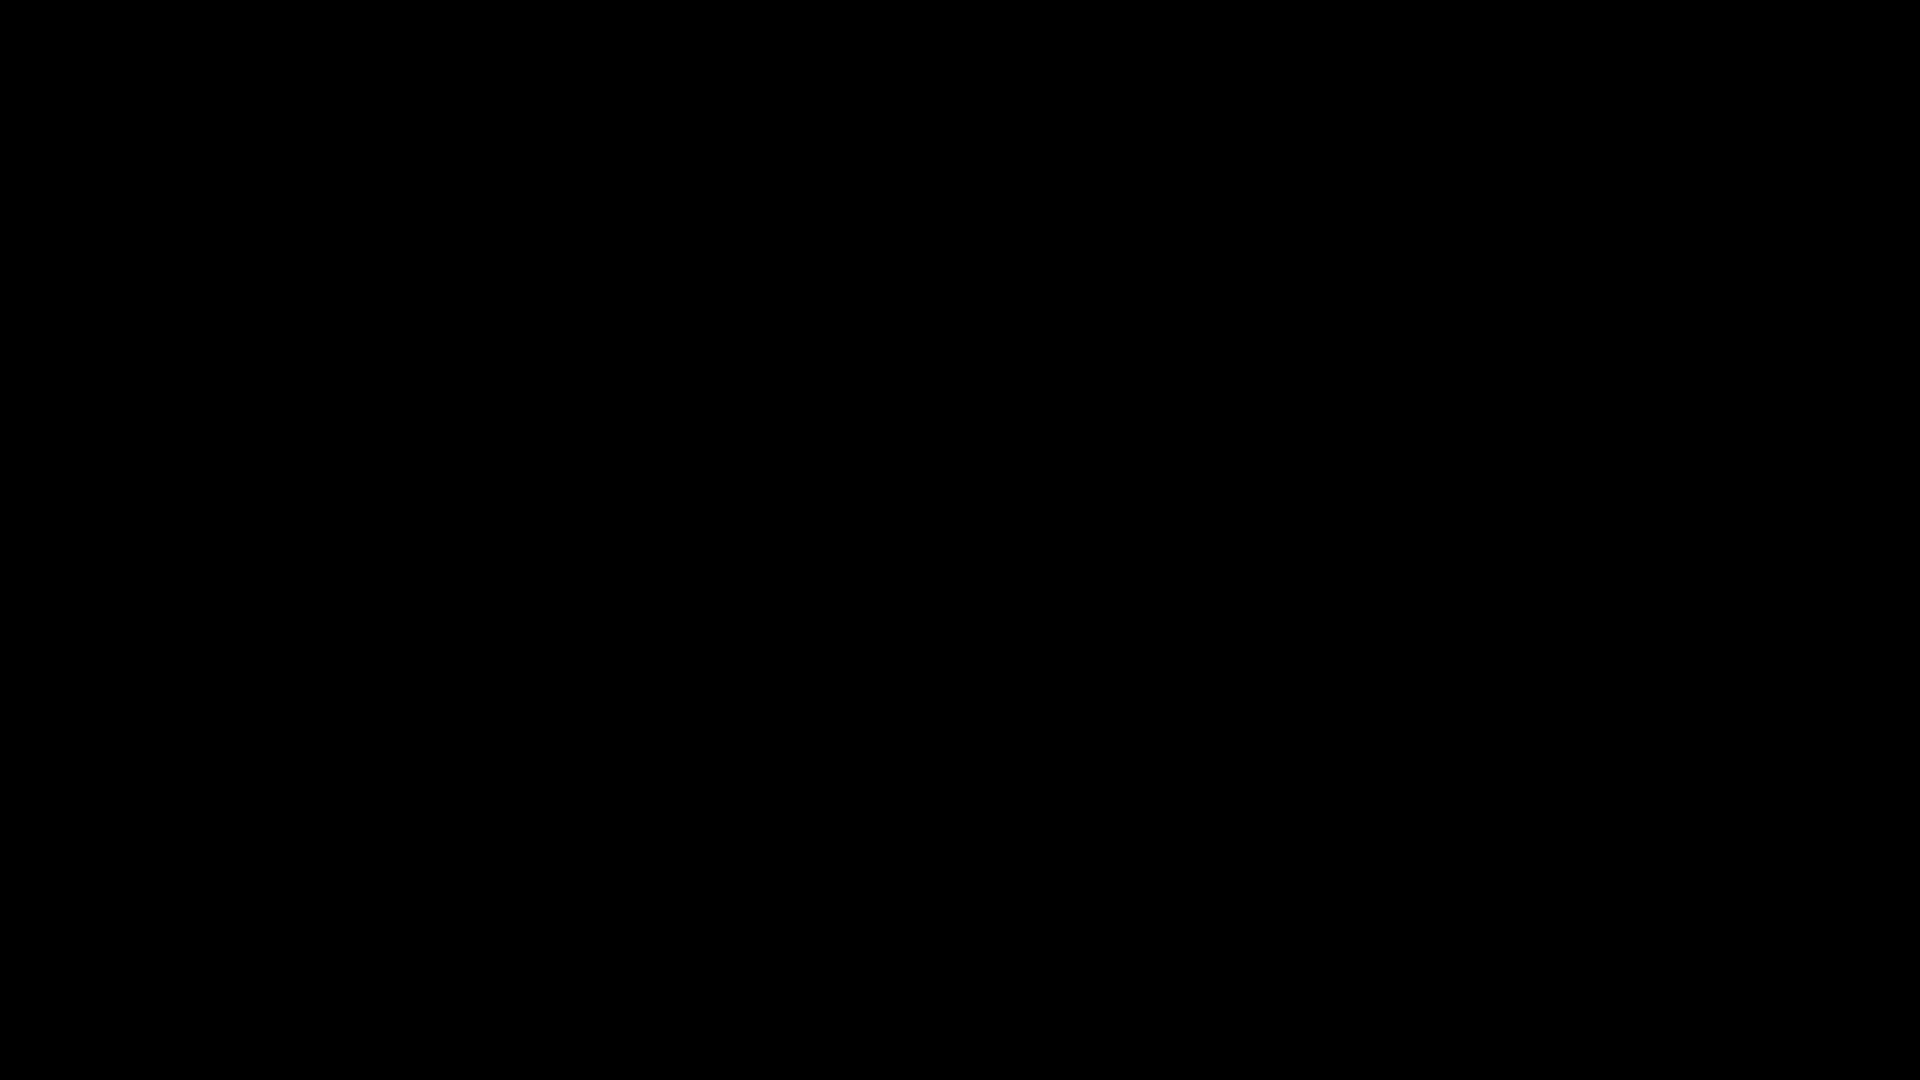 png-transparente